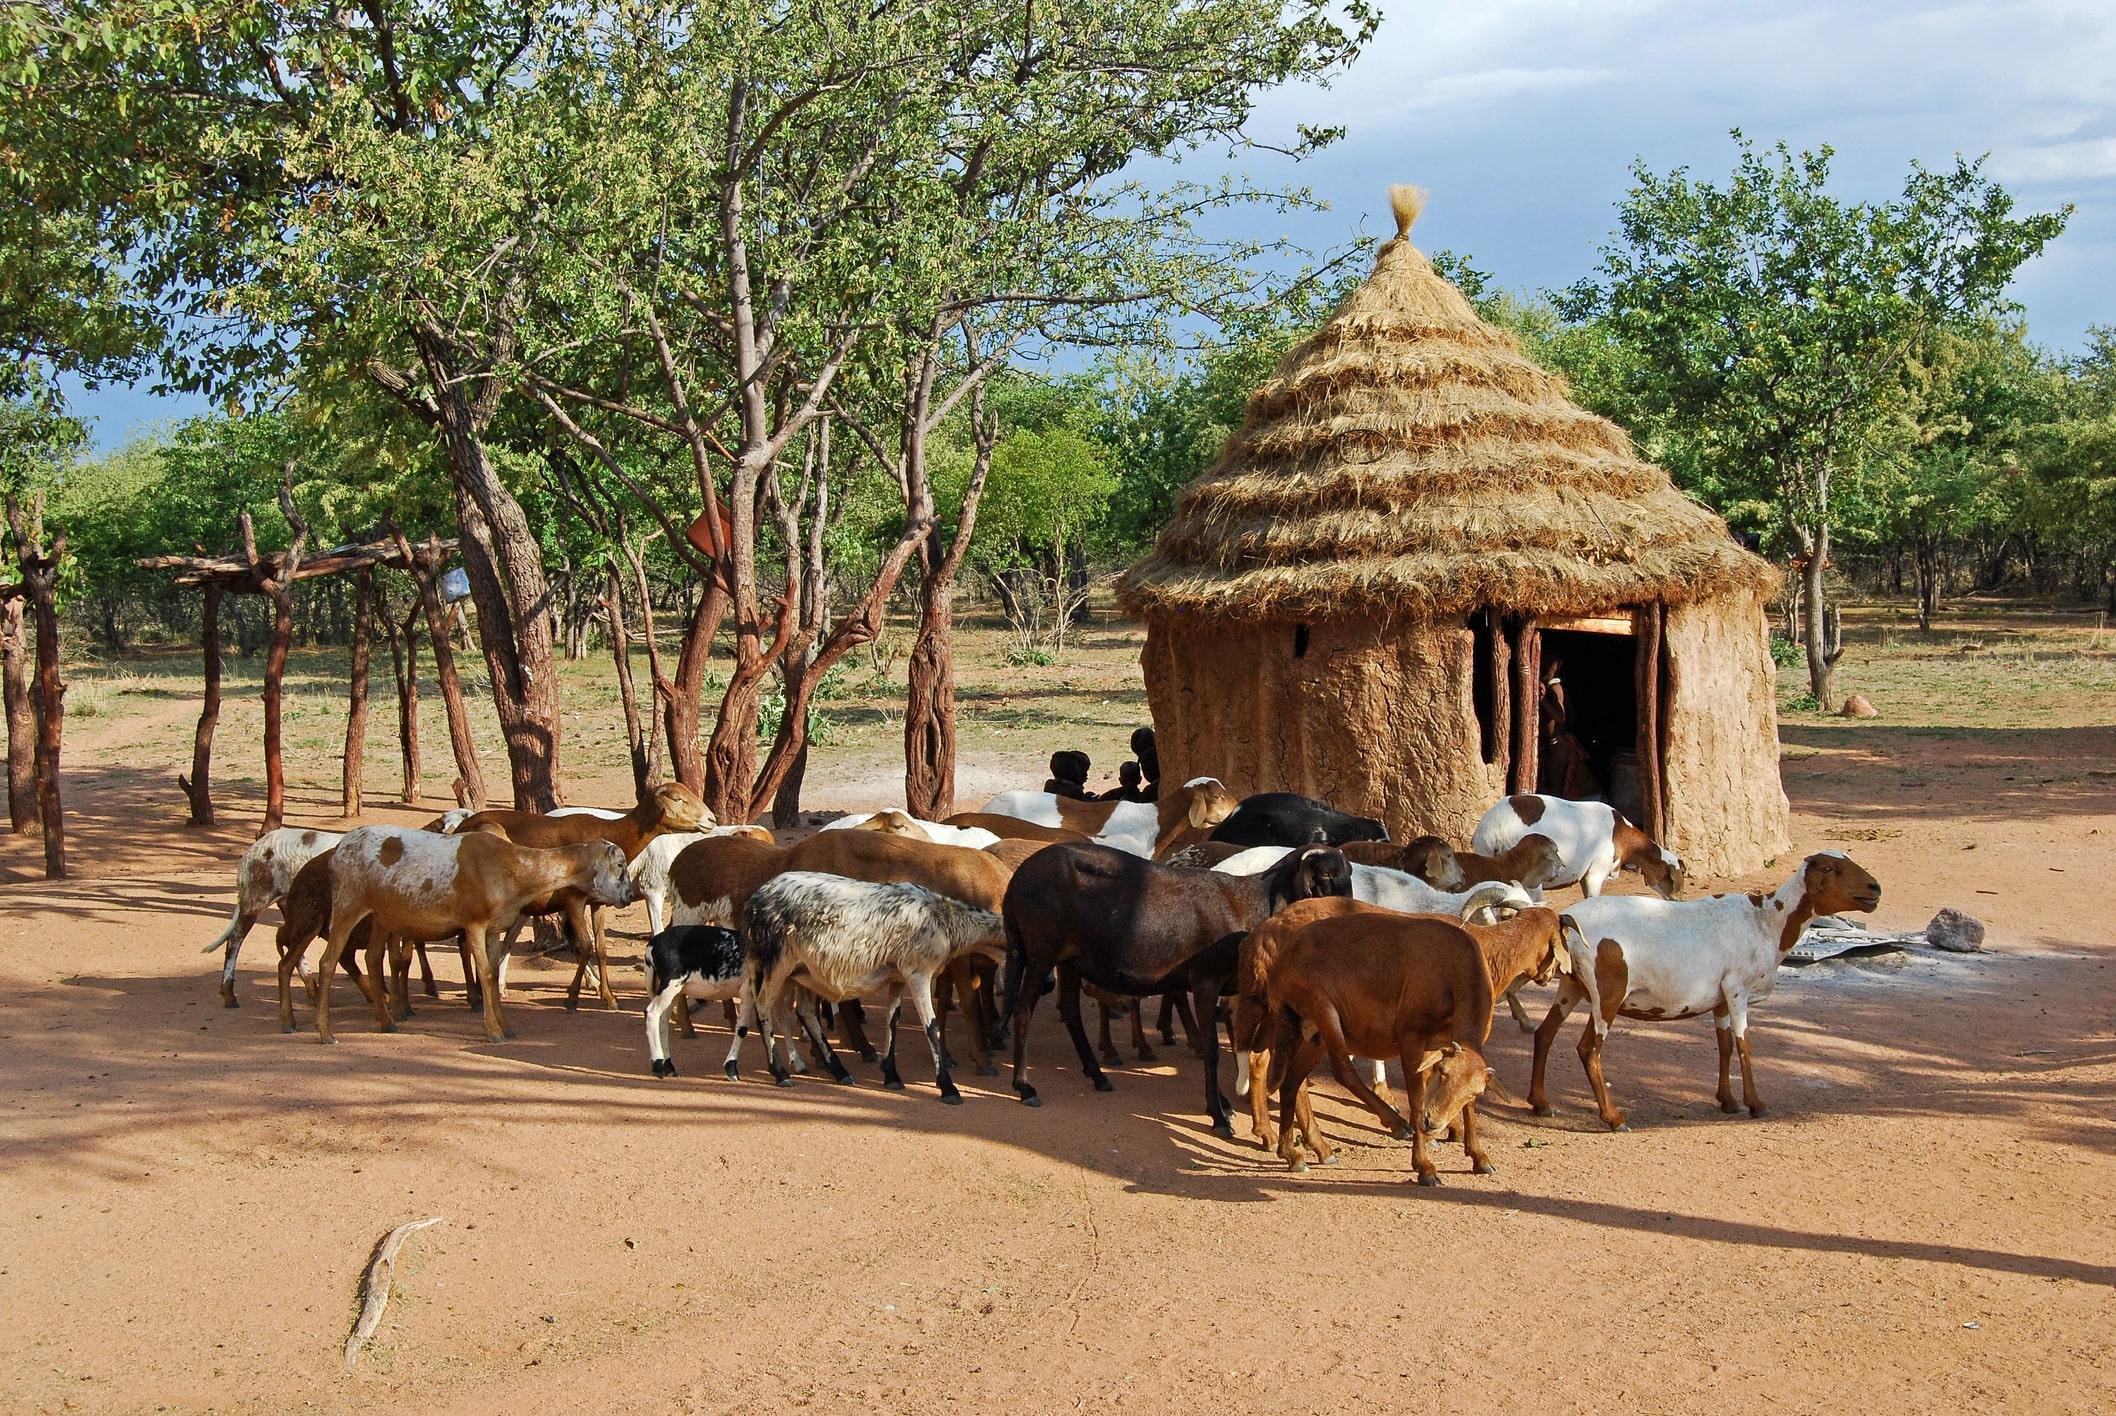 Tiere in einer Siedlung der Himba in Namibia.